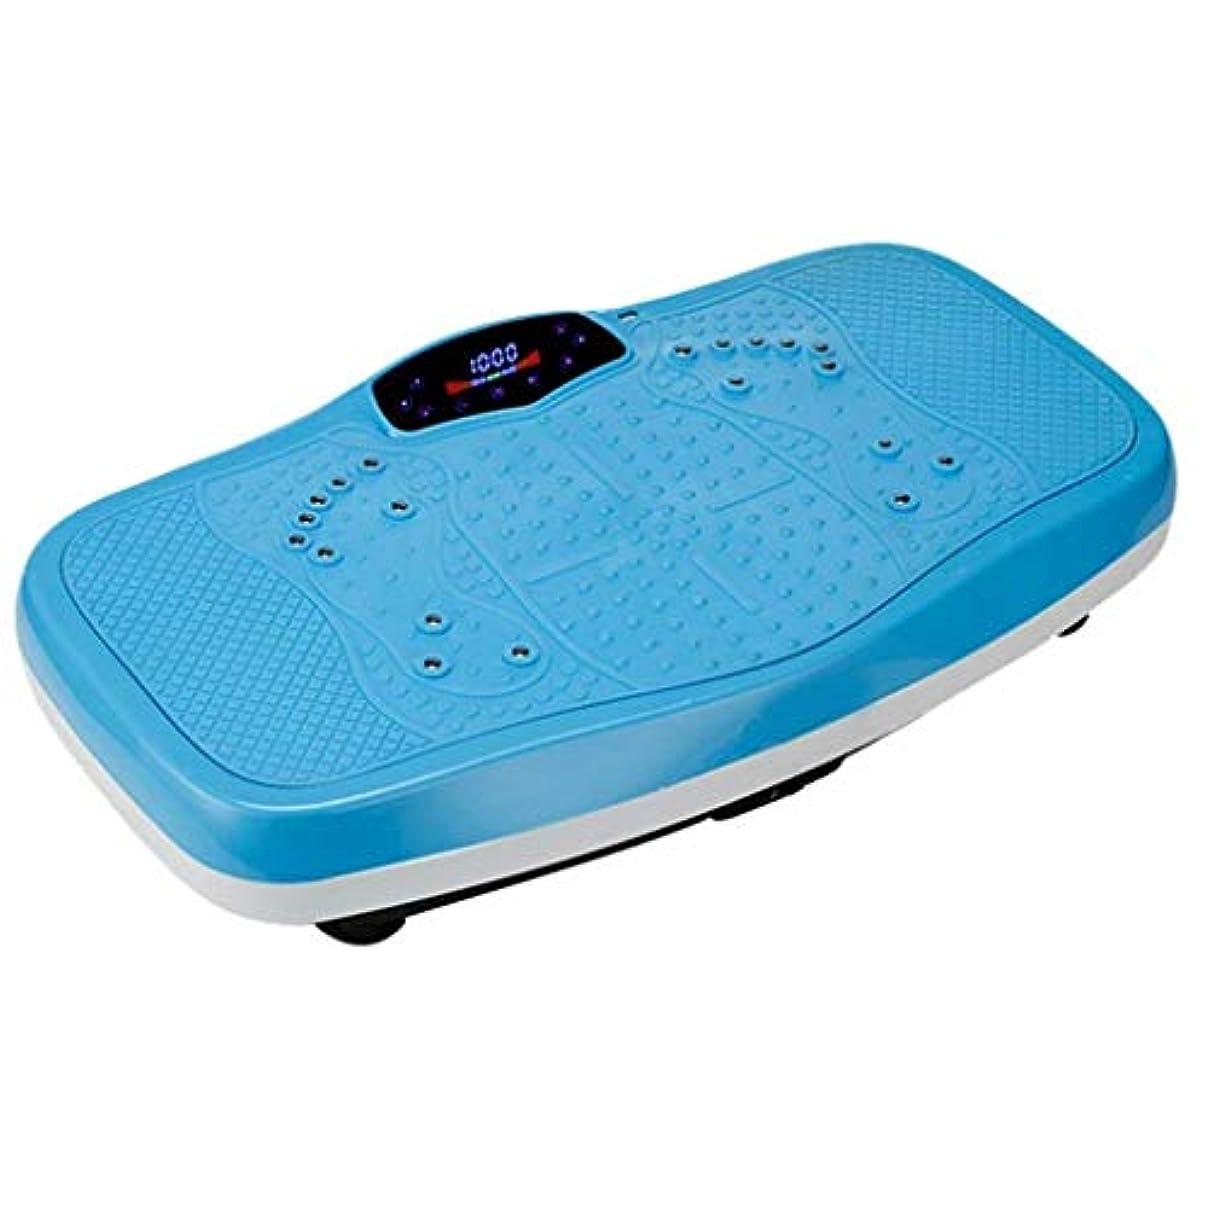 シャーロットブロンテ国民投票荷物減量機、運動振動フィットネス形状体重減量機、Bluetoothスピーカー、家族/ジムに適し、ホームオフィス減量 (Color : 青)